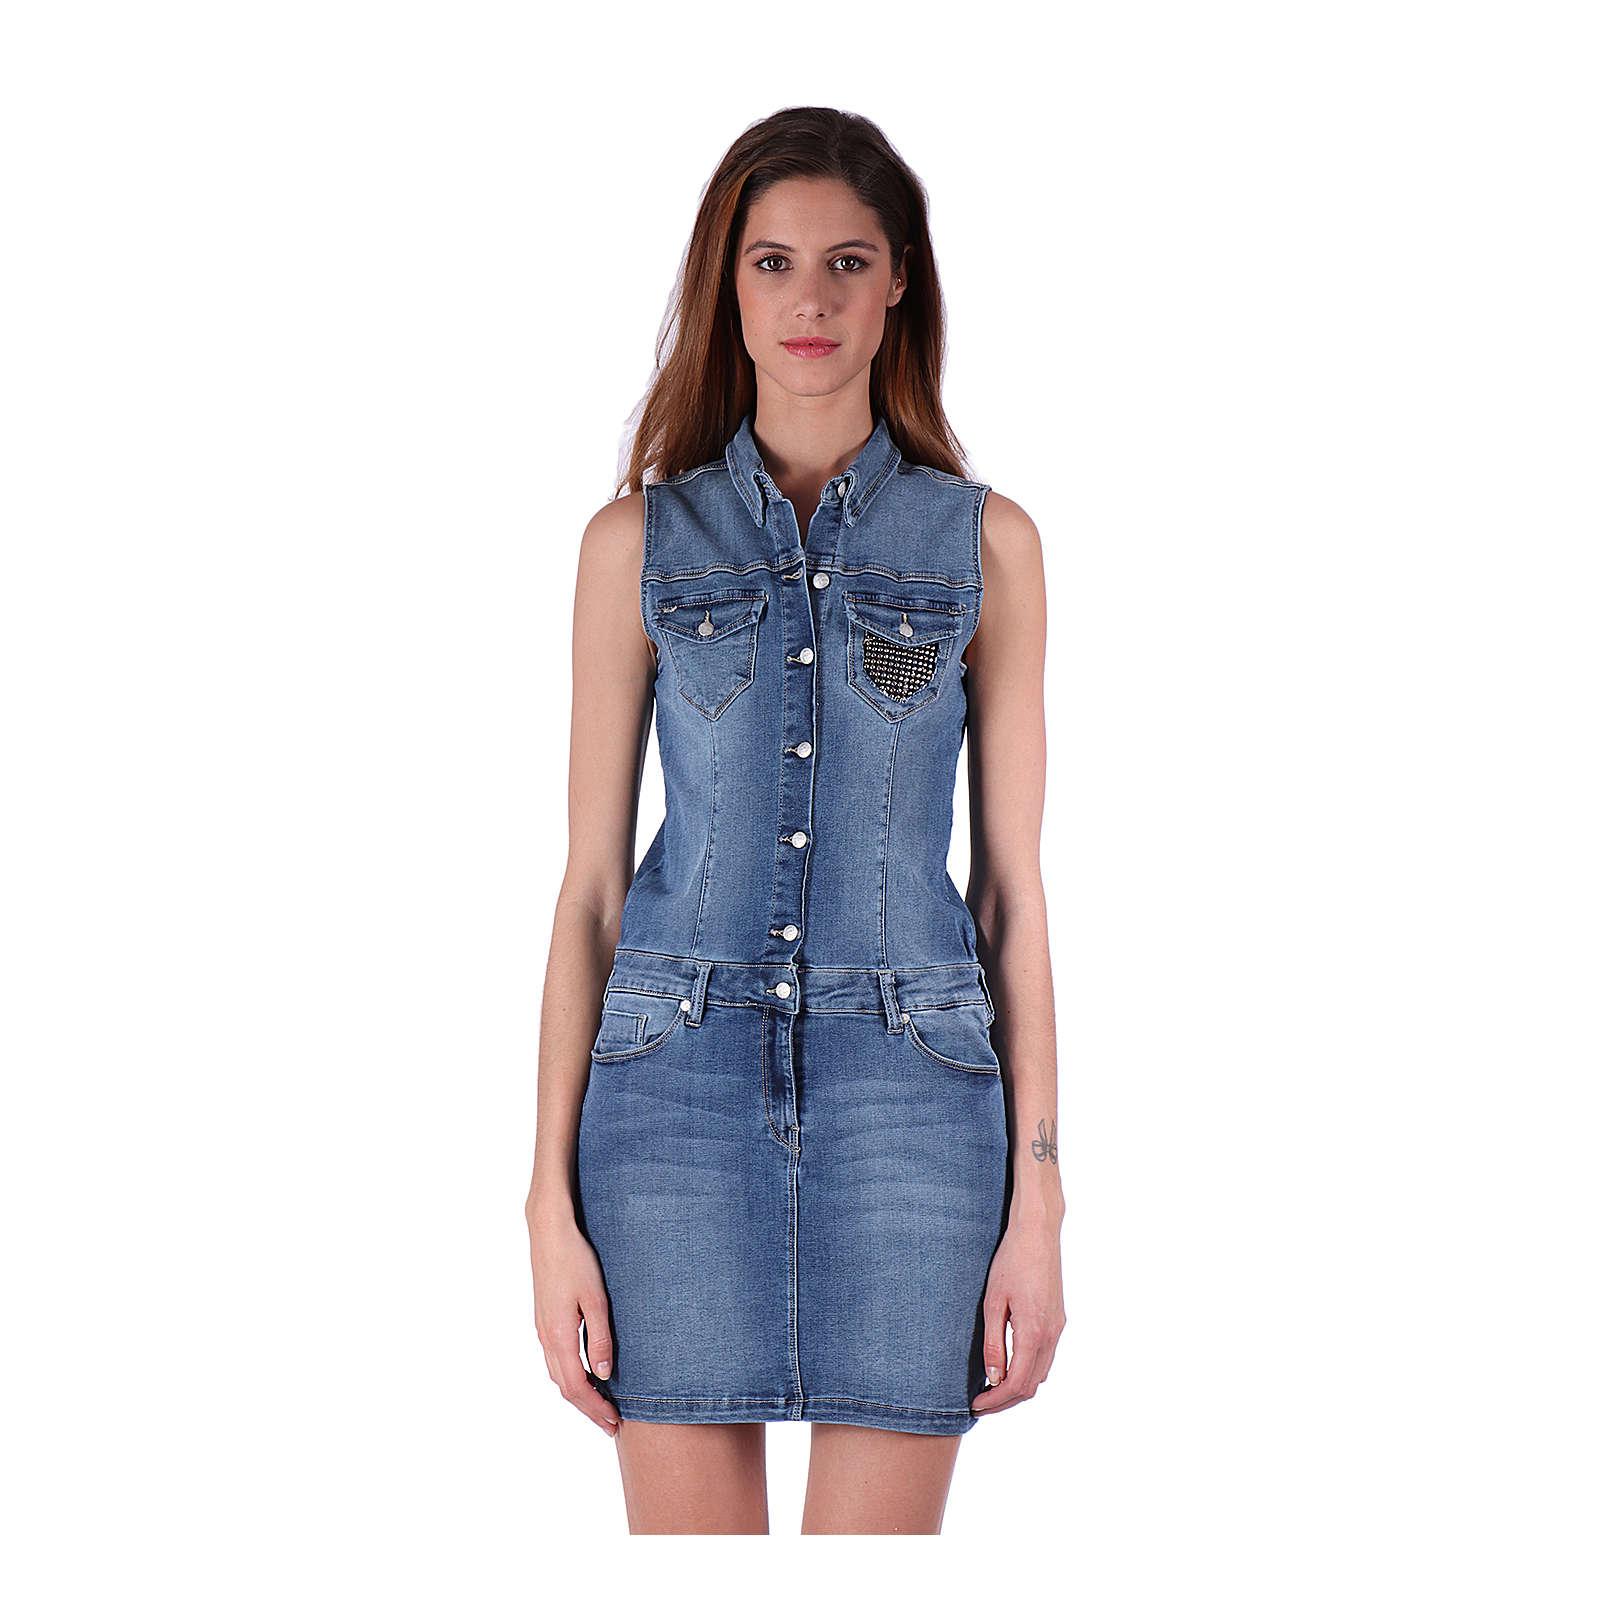 Kaporal Jeans-Kleid Style Icej mit Nietenbesatz Jeanskleider blau Damen Gr. 38